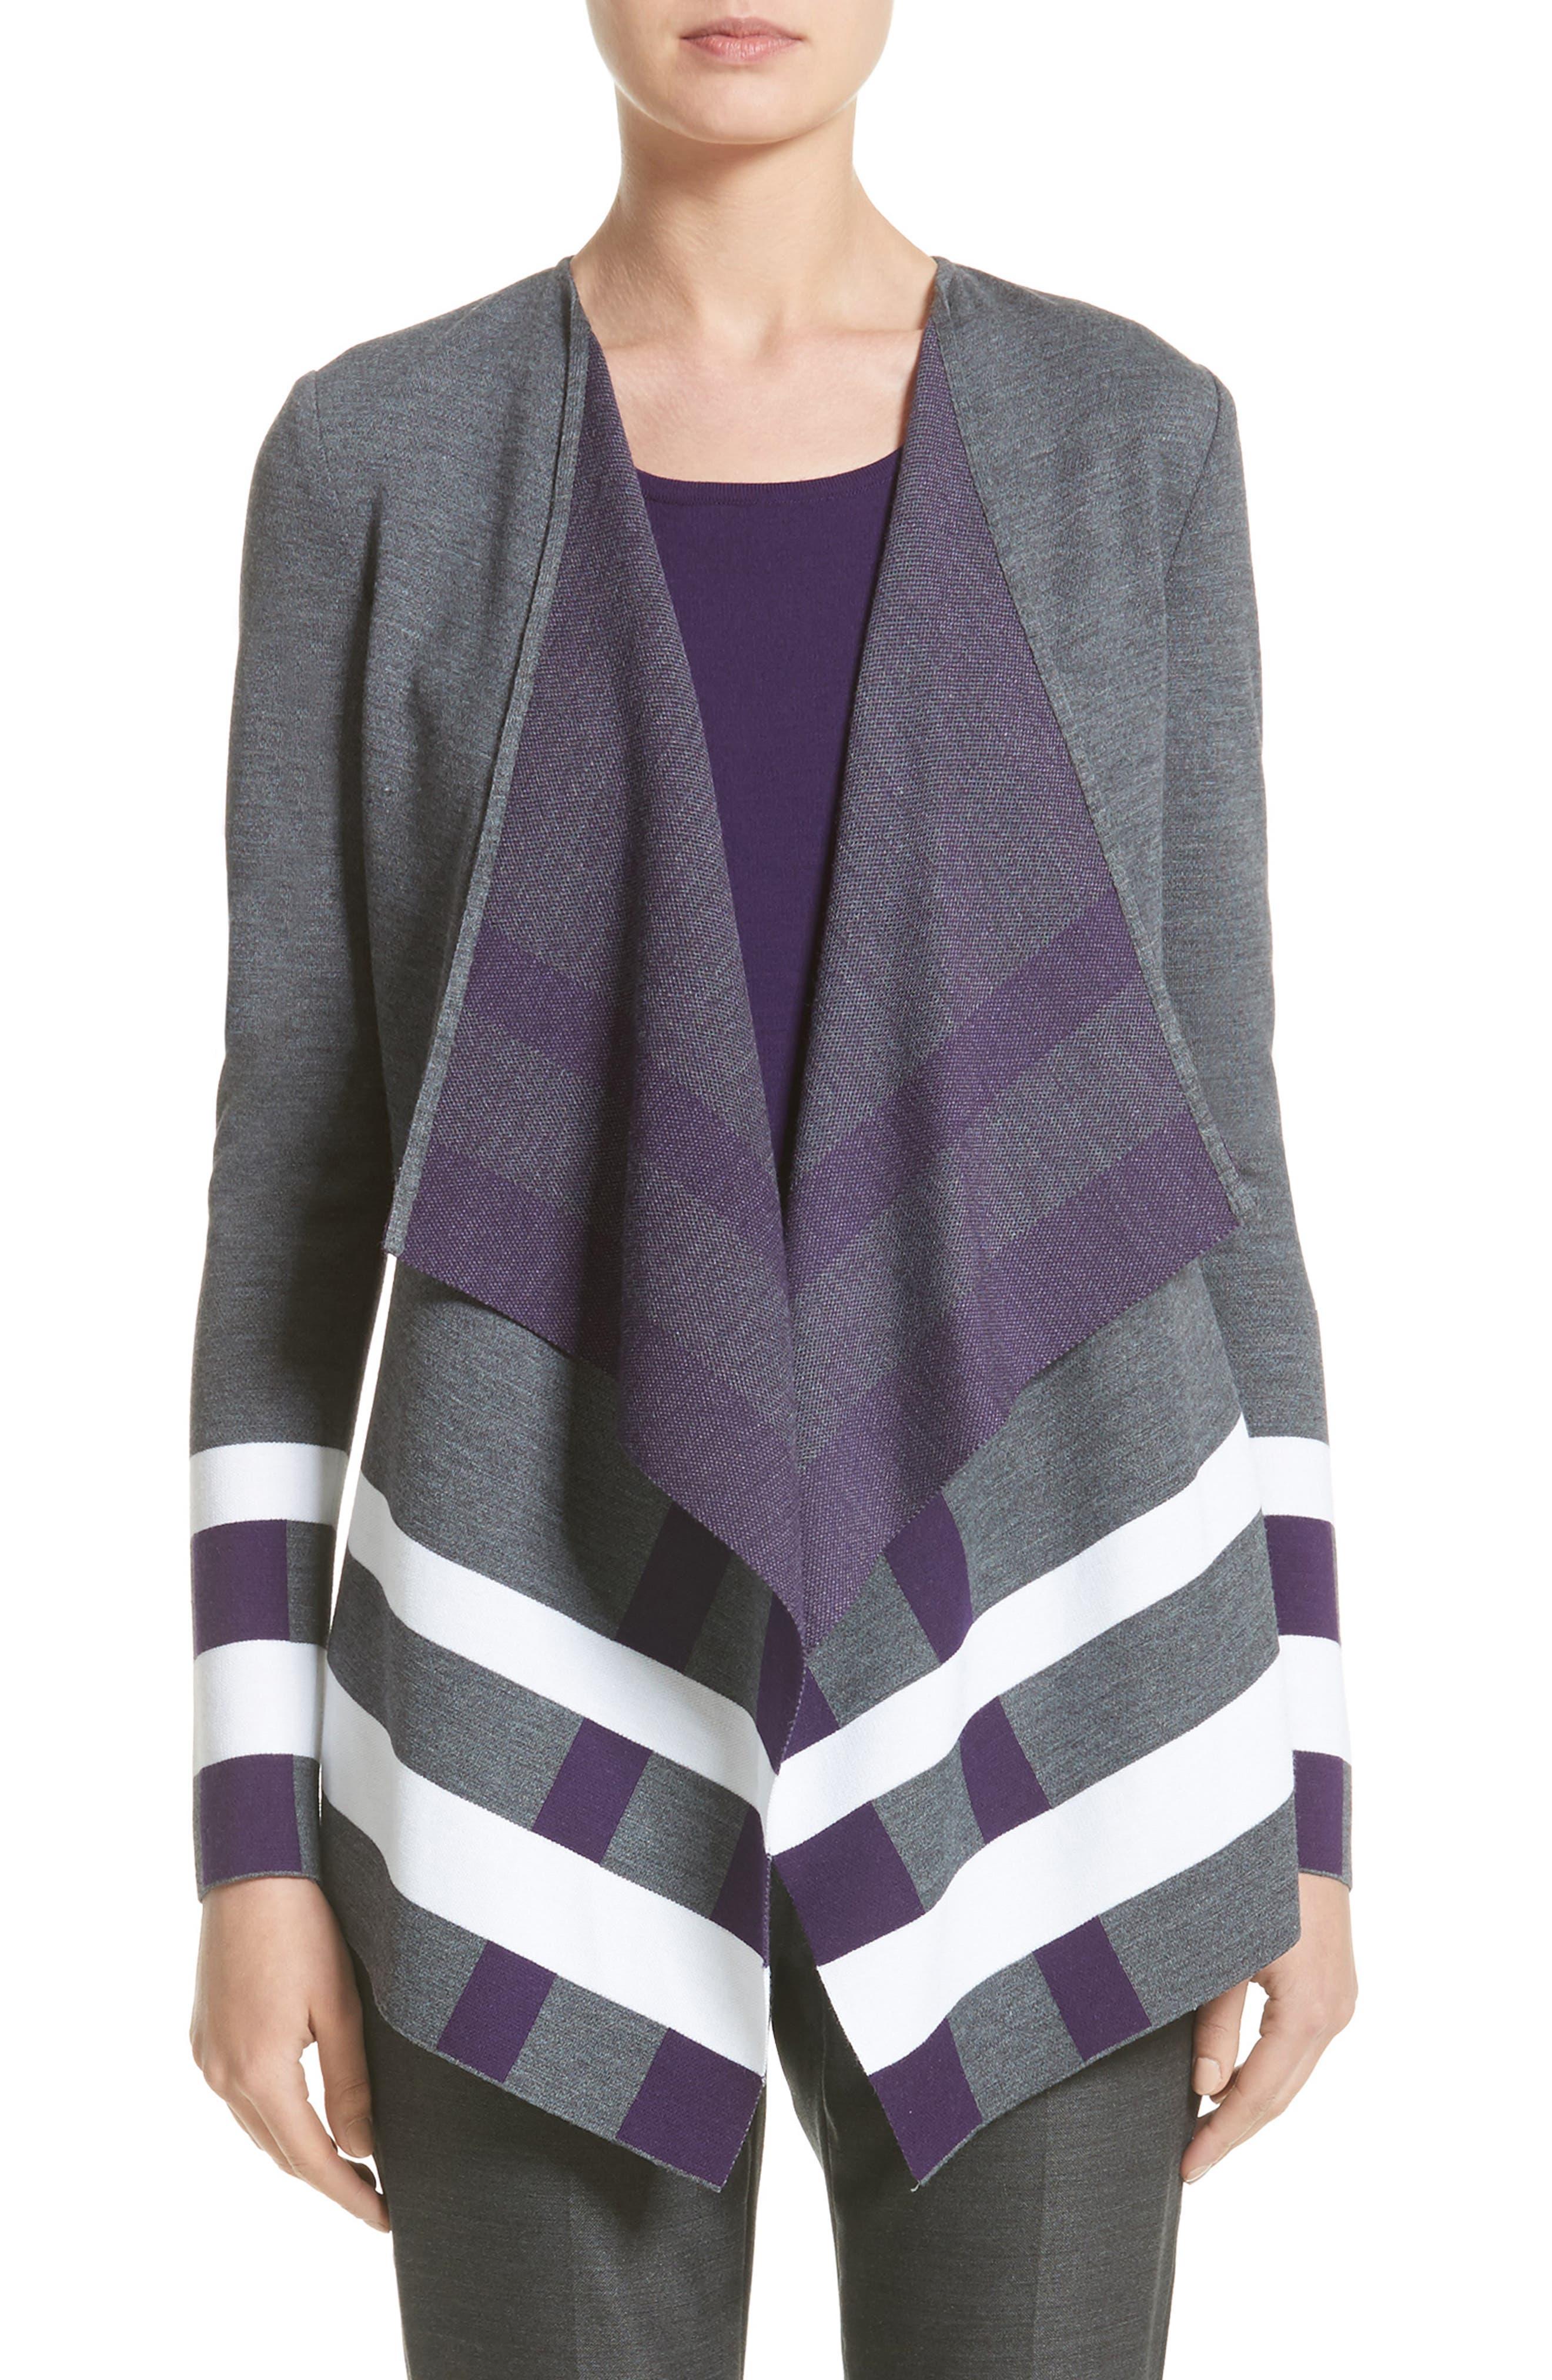 Milano Knit Jacquard Drape Front Jacket,                             Main thumbnail 1, color,                             Flint Multi